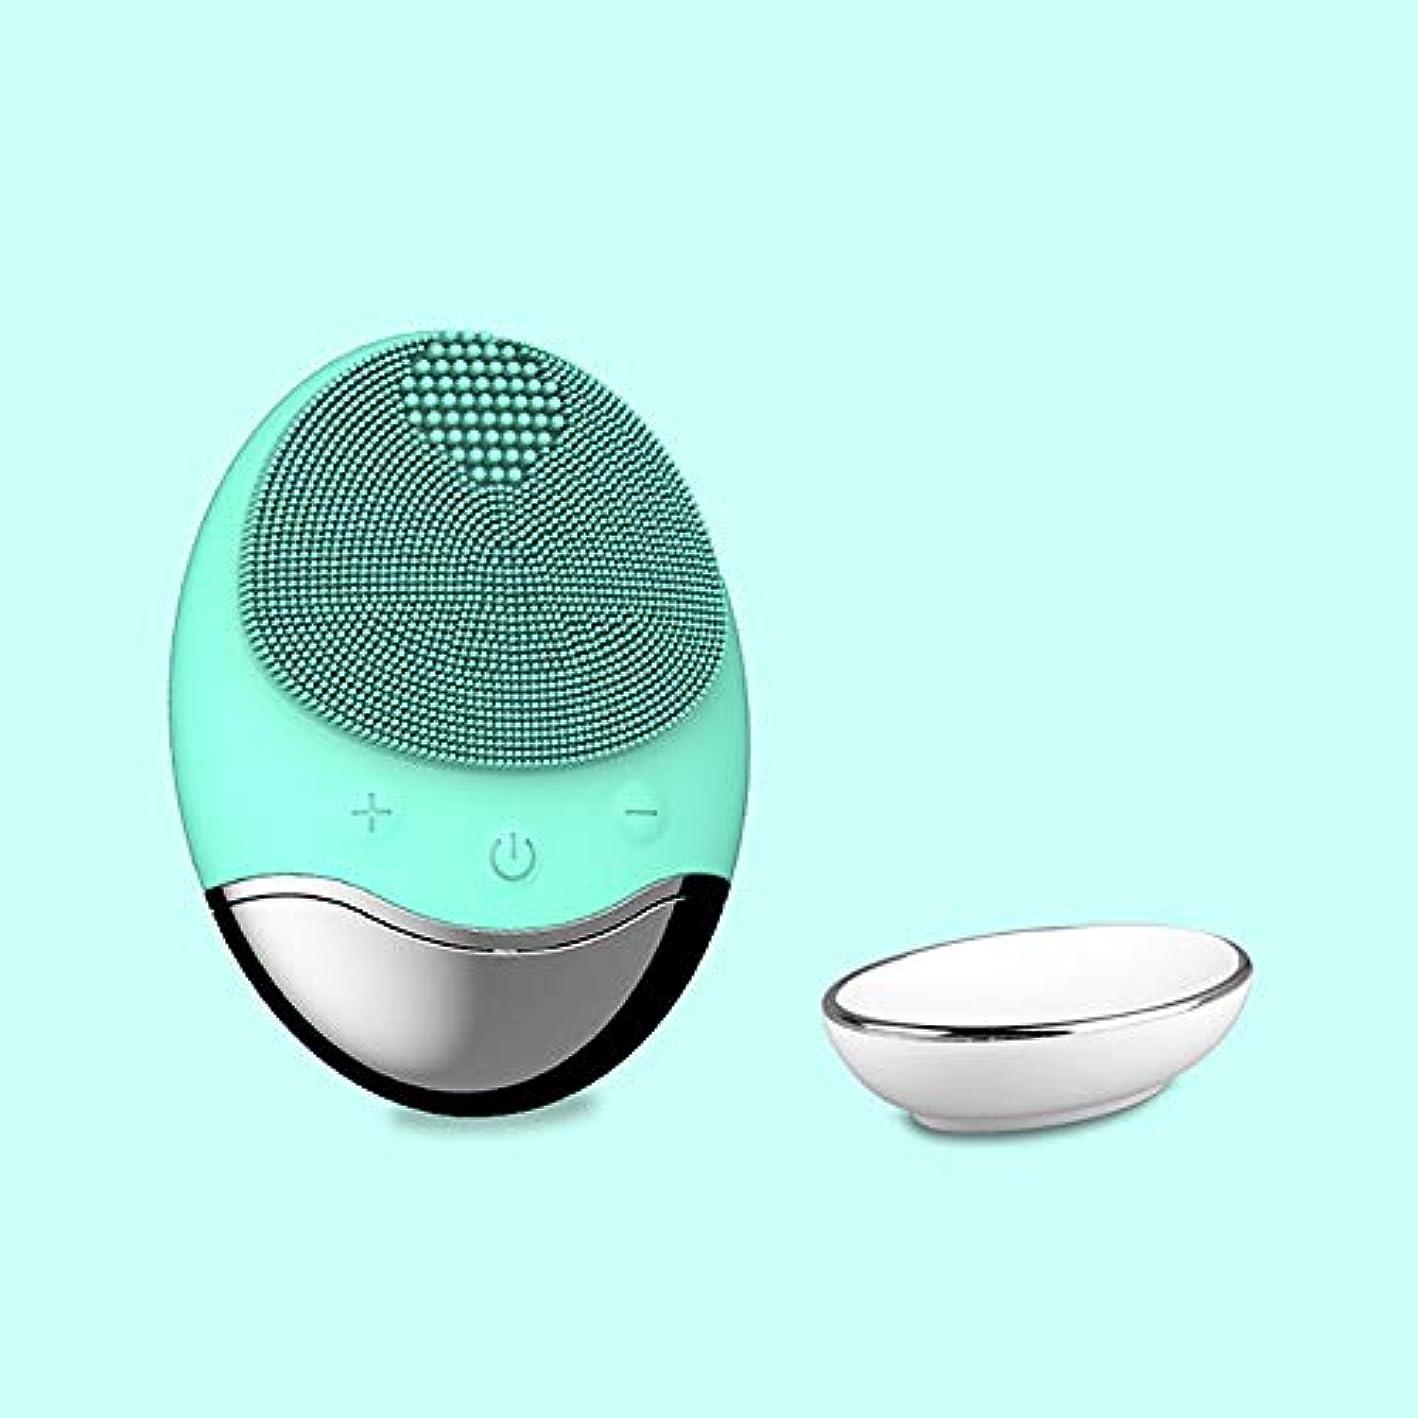 安全性到着するバーマドZXF 新しいアップグレードワイヤレス充電電気家庭用竹炭シリコーン防水超音波洗浄毛穴洗浄器具洗浄器具輸入器具 滑らかである (色 : Green)